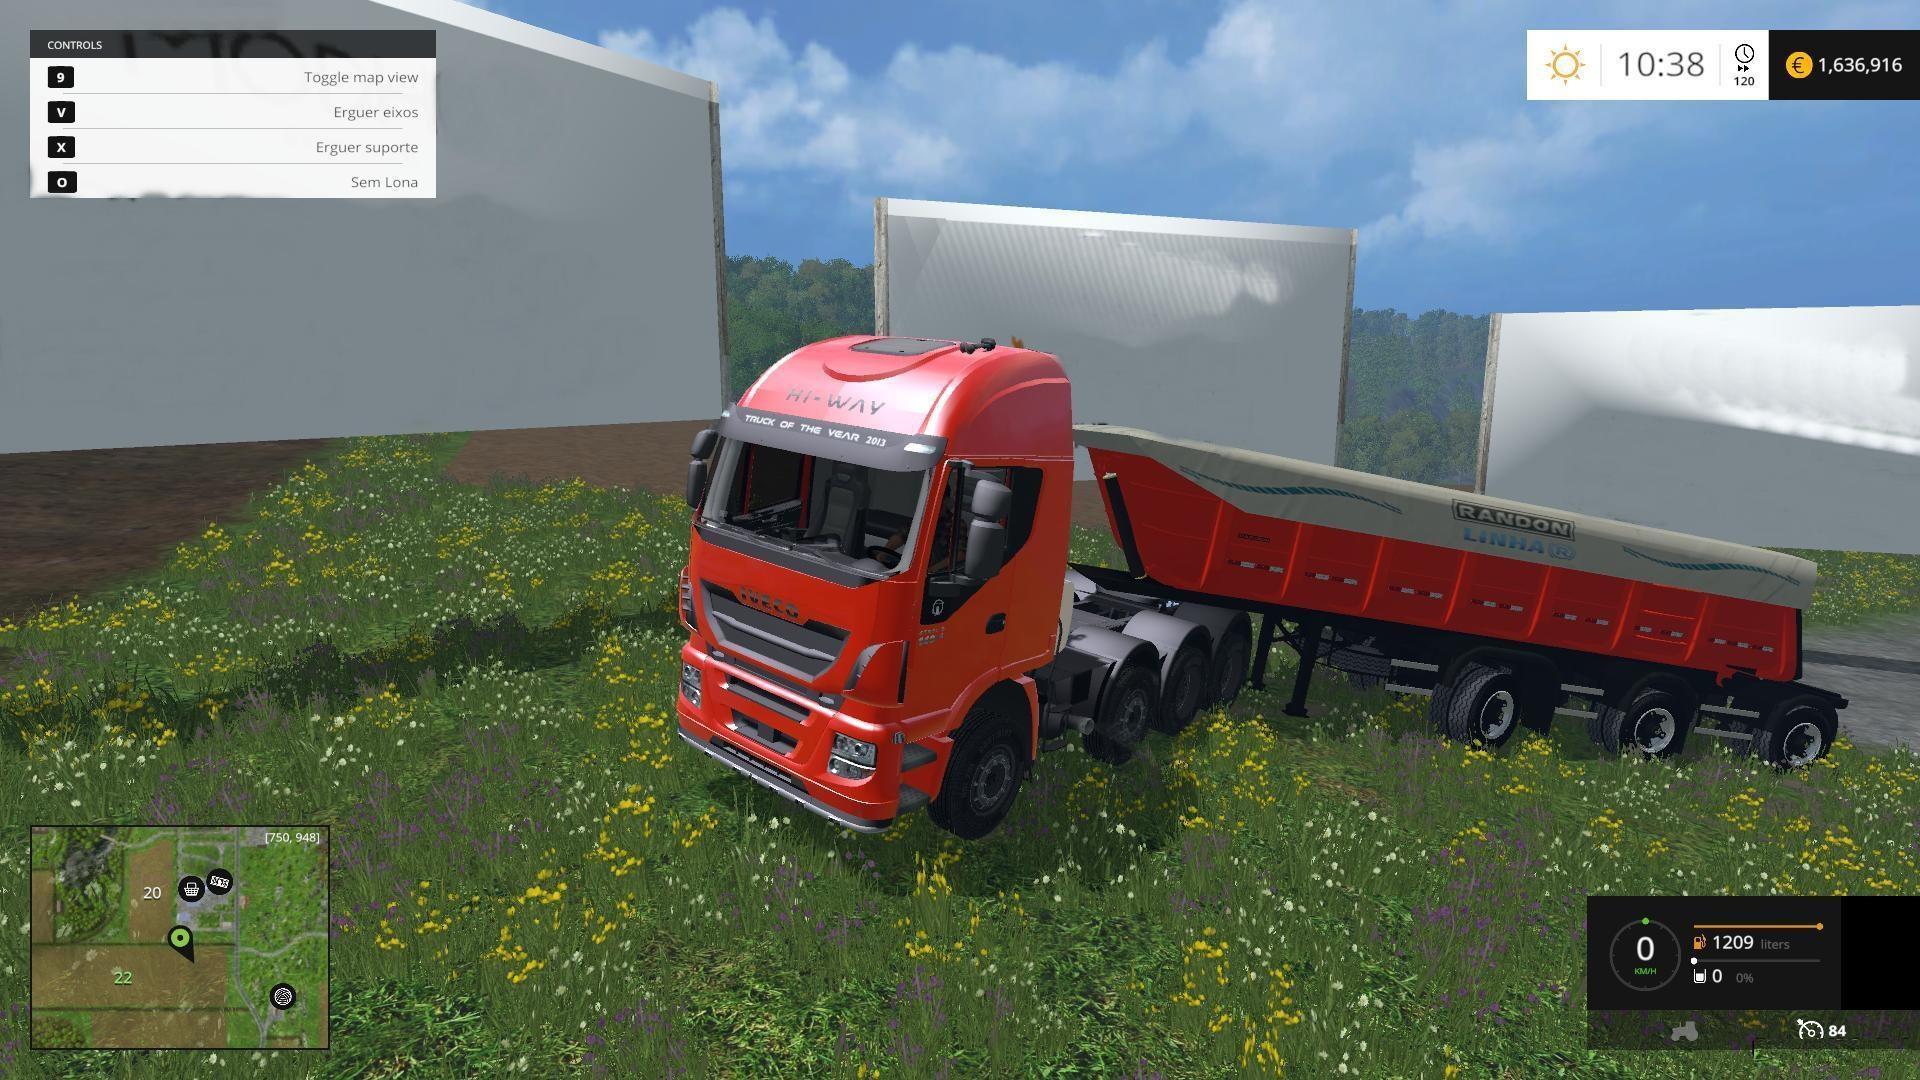 1424170565_iveco-stralis-560-8x4-trailer-v1_1-91